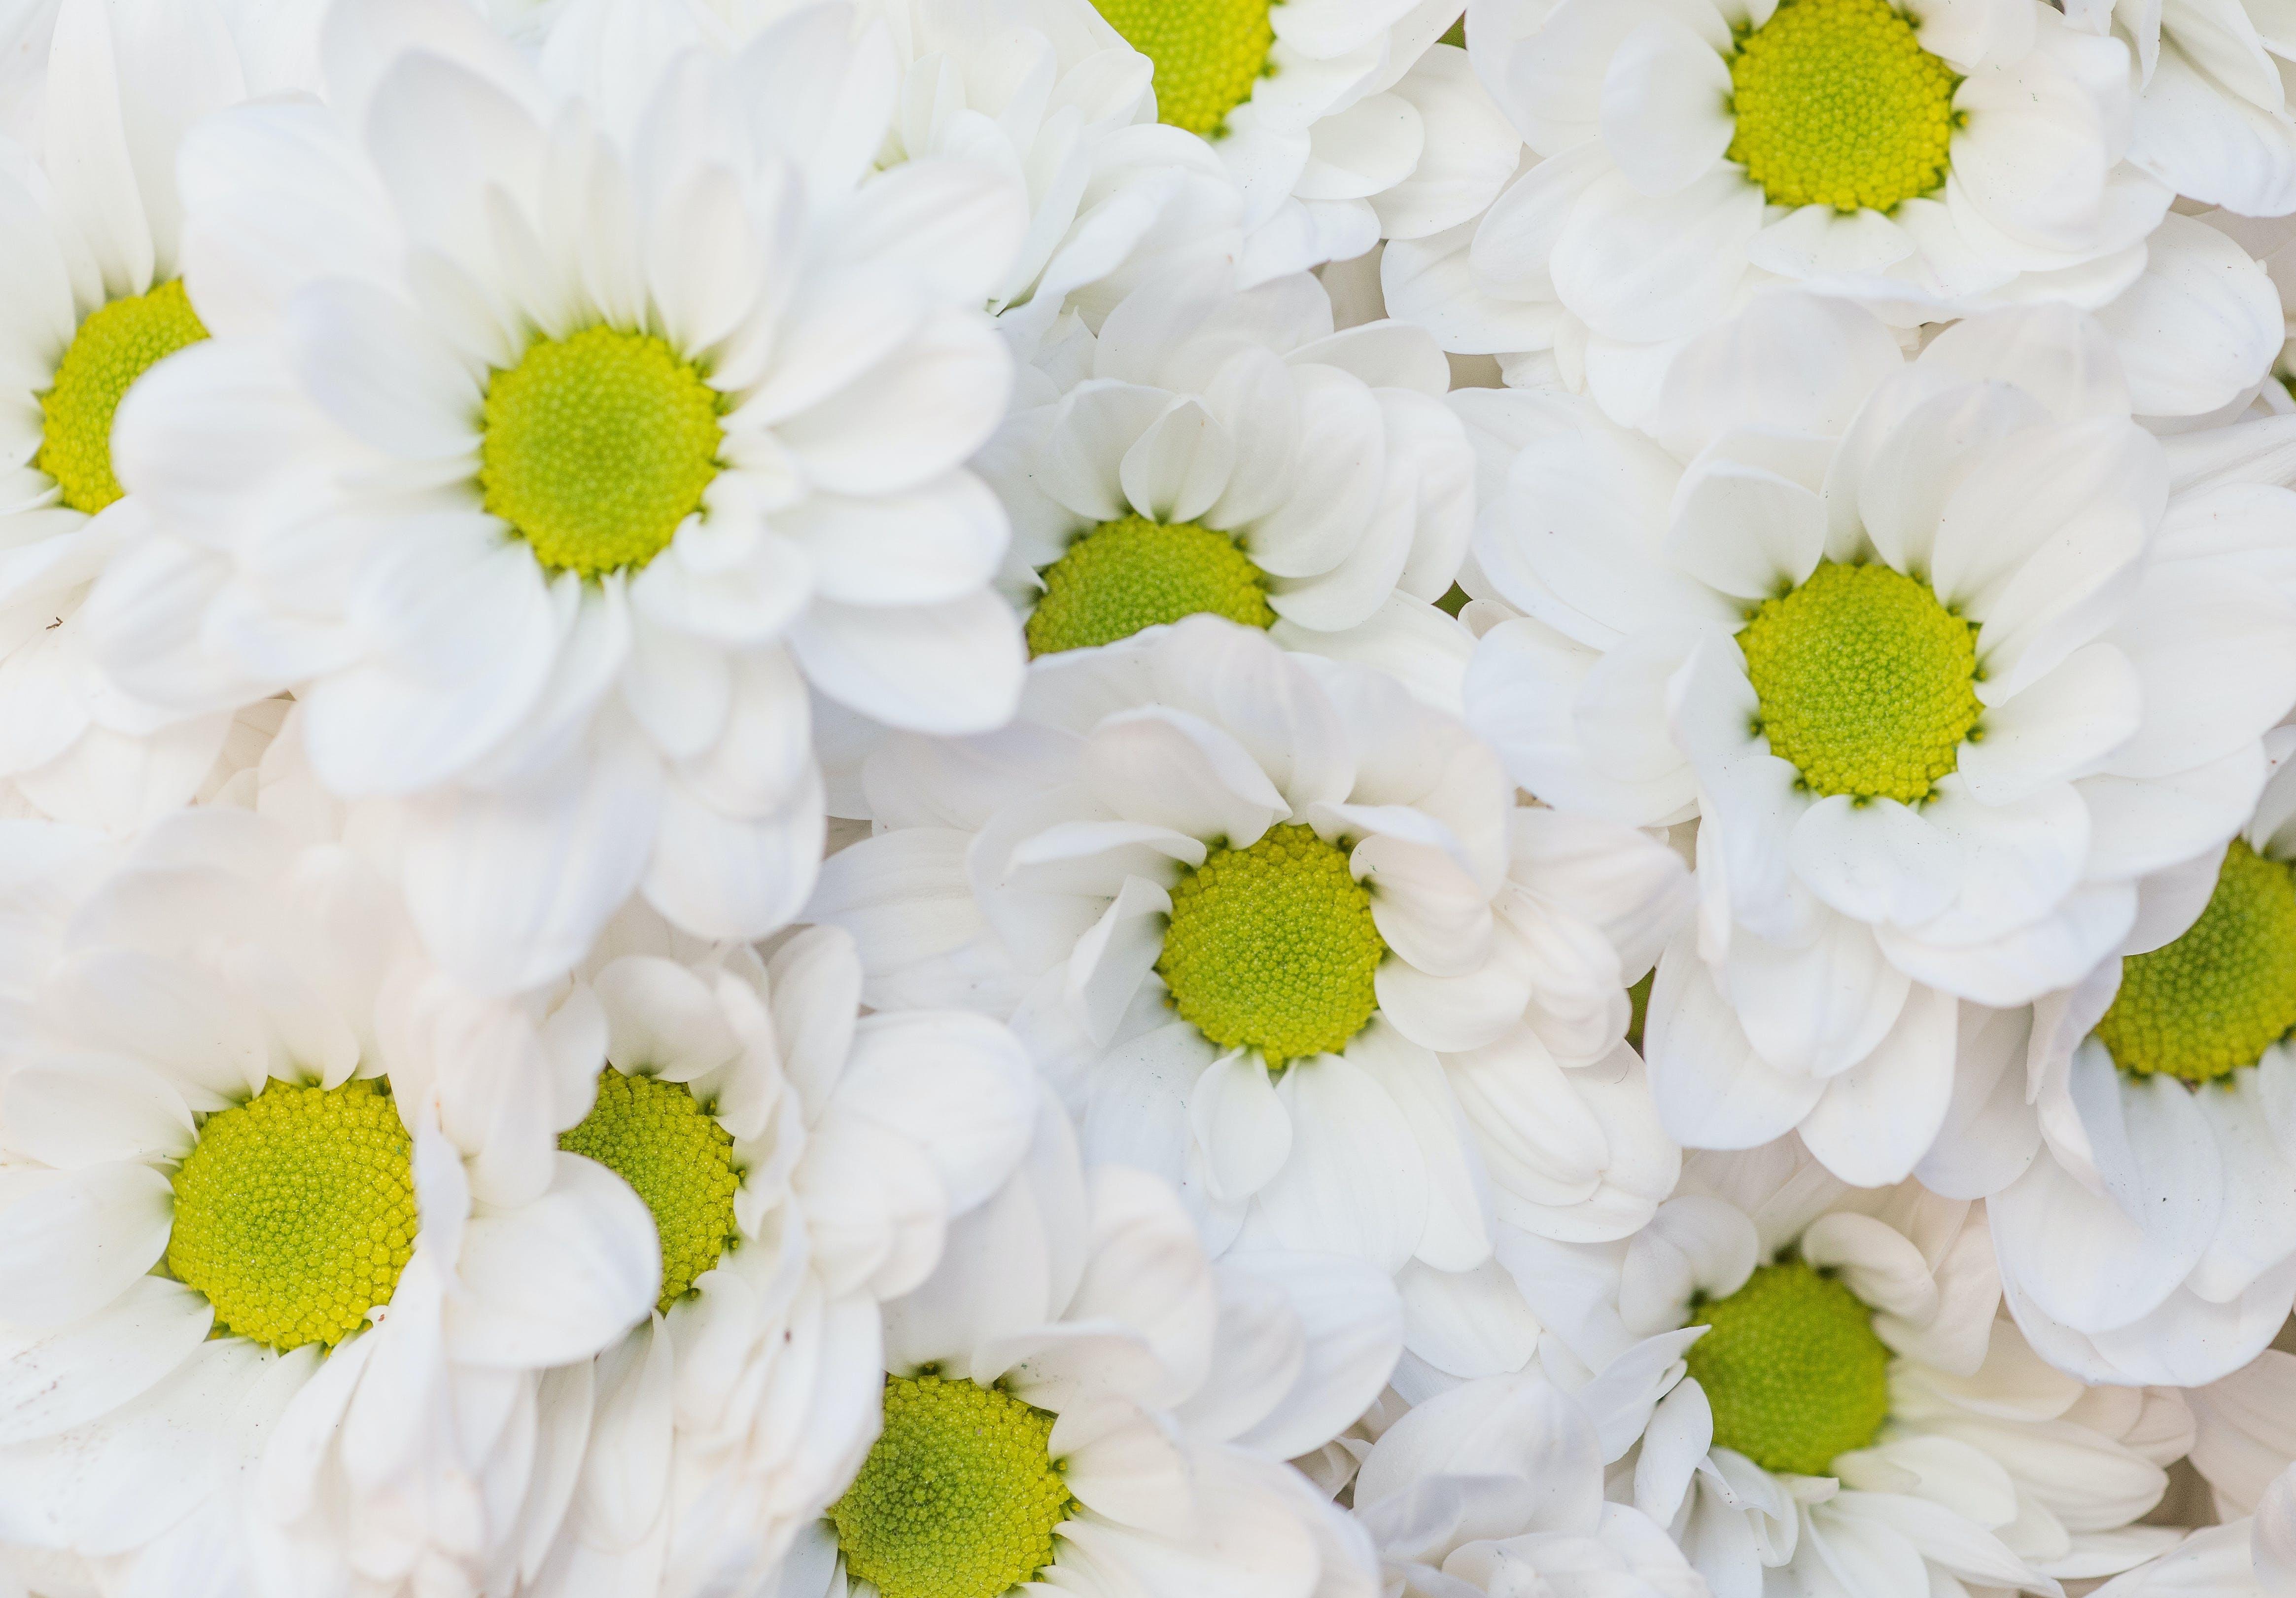 꽃, 꽃가루, 꽃이 피는, 꽃잎의 무료 스톡 사진